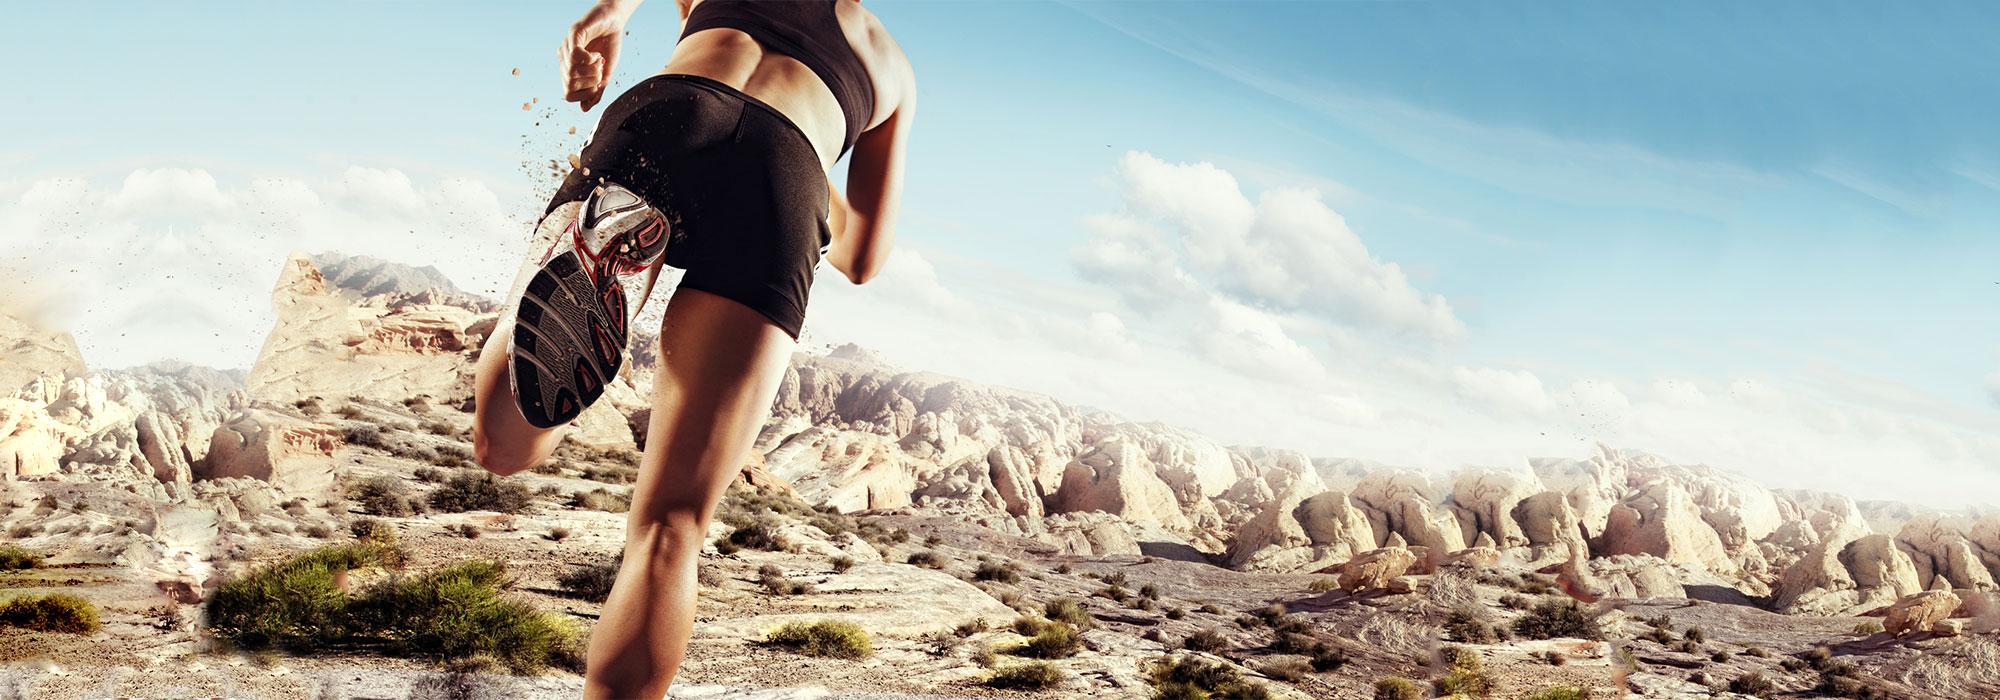 runner-female